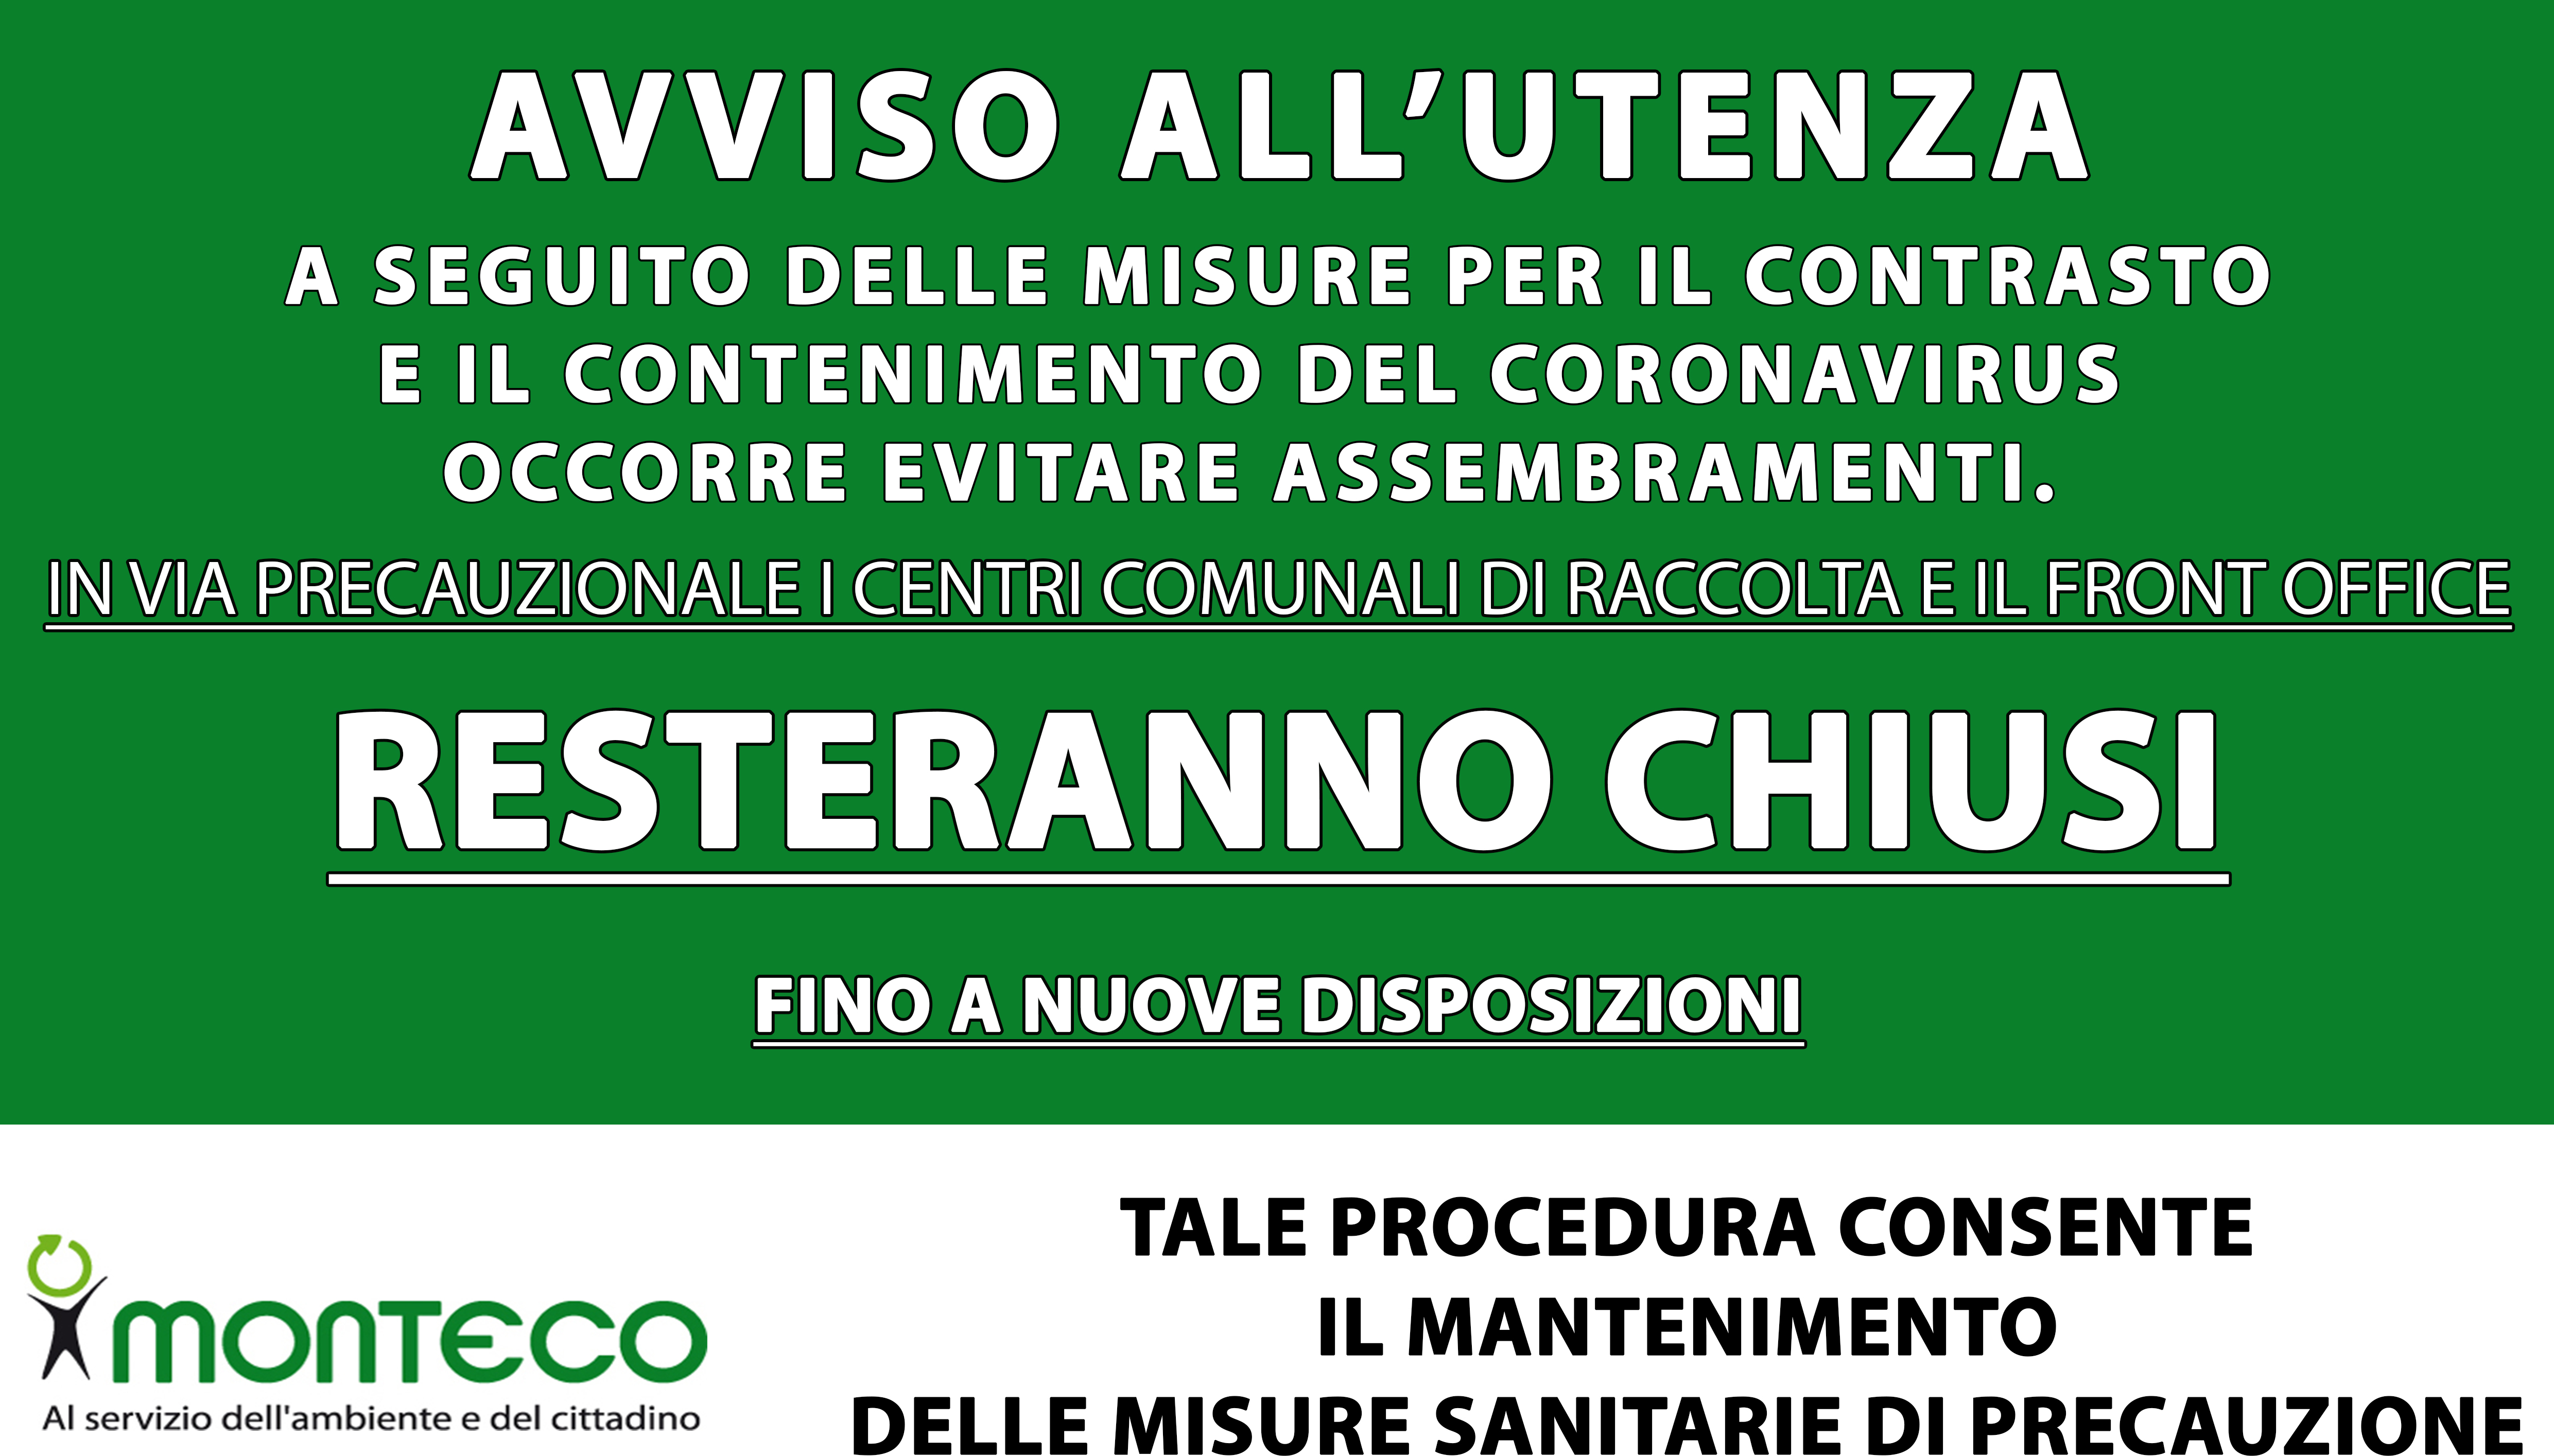 STATTE. CHIUSURA STRAORDINARIA FRONT OFFICE E CENTRO COMUNALE DI RACCOLTA PER MOTIVI PRECAUZIONALI